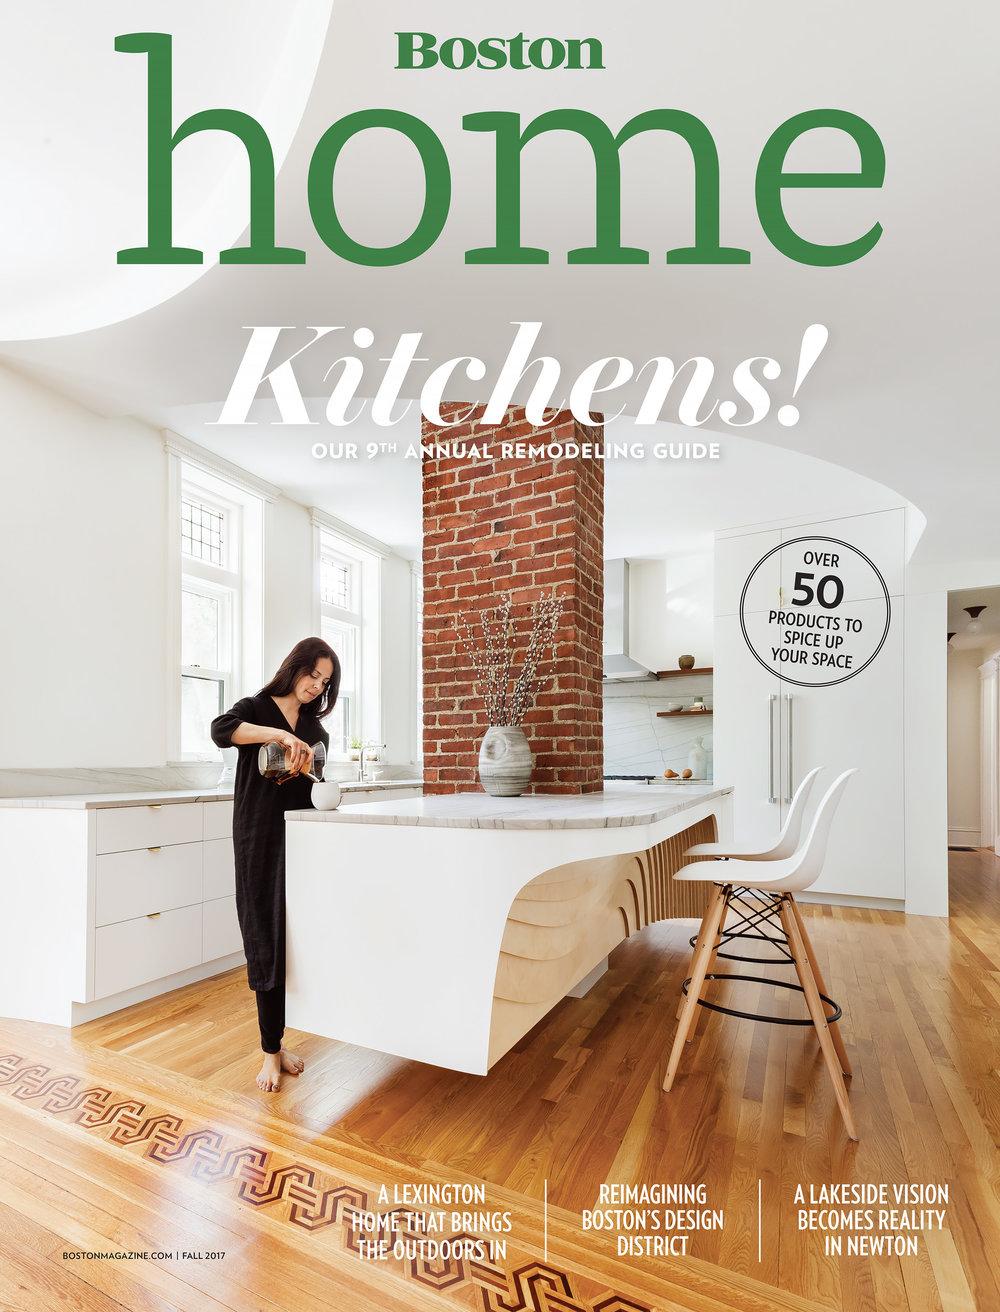 Boston Home - Kitchens 2017